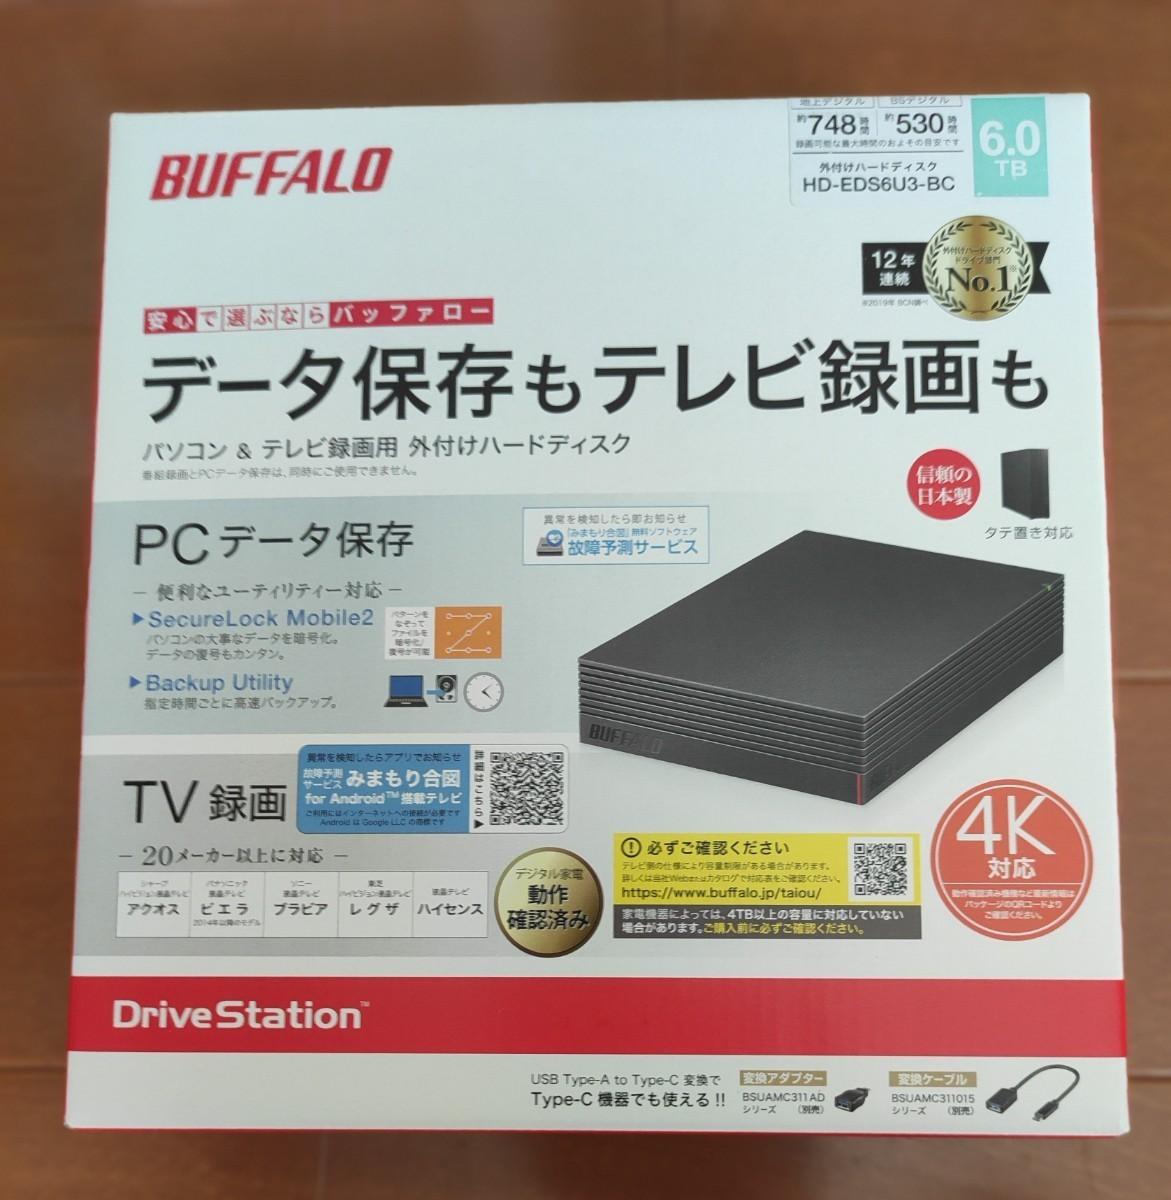 新品未開封品 6TB 外付けハードディスク  BUFFALO